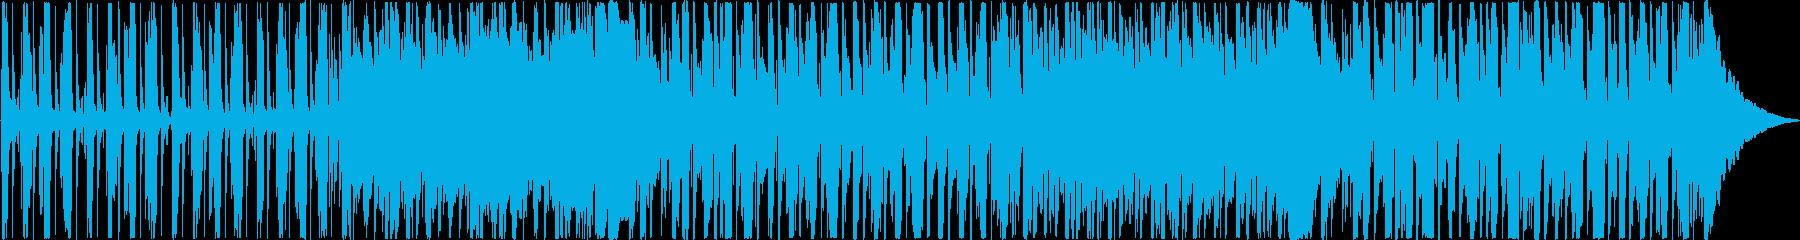 キャッチーでグルーヴィーなアーバン...の再生済みの波形